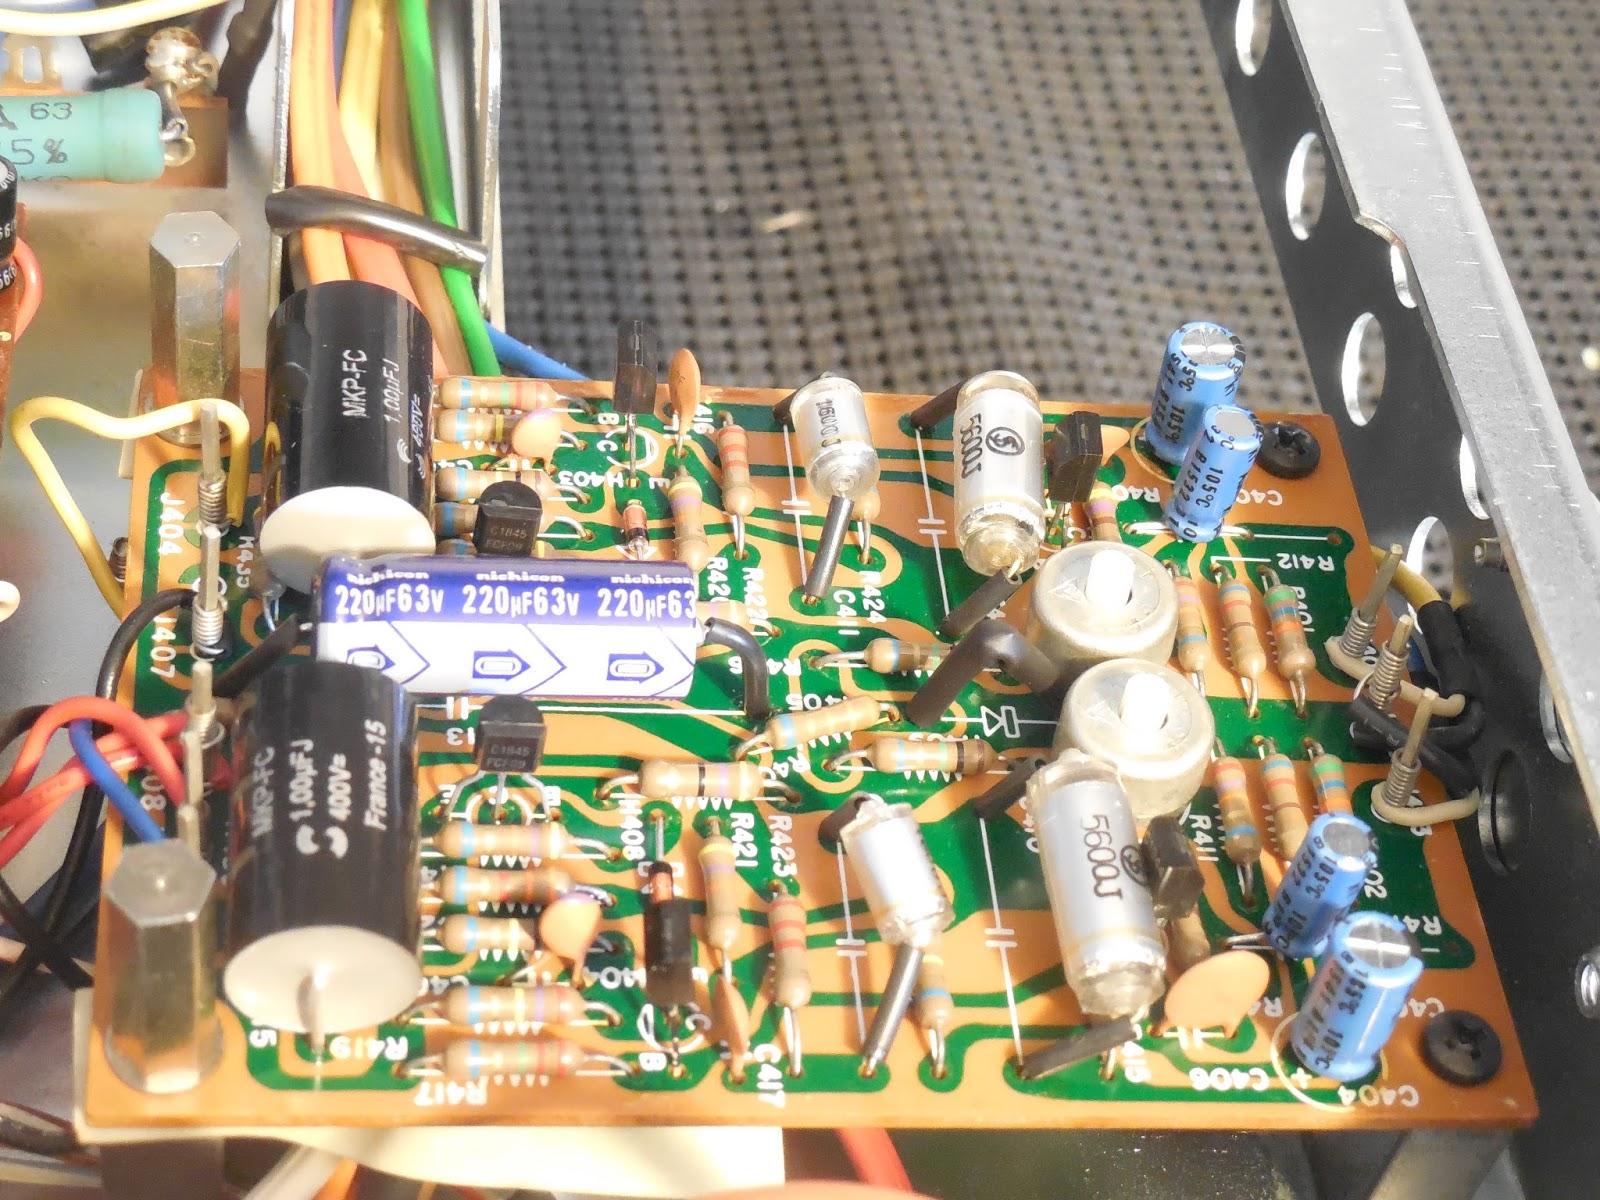 Vintage Hi-Fi Audio Restorations: Marantz 2325 A Trio of